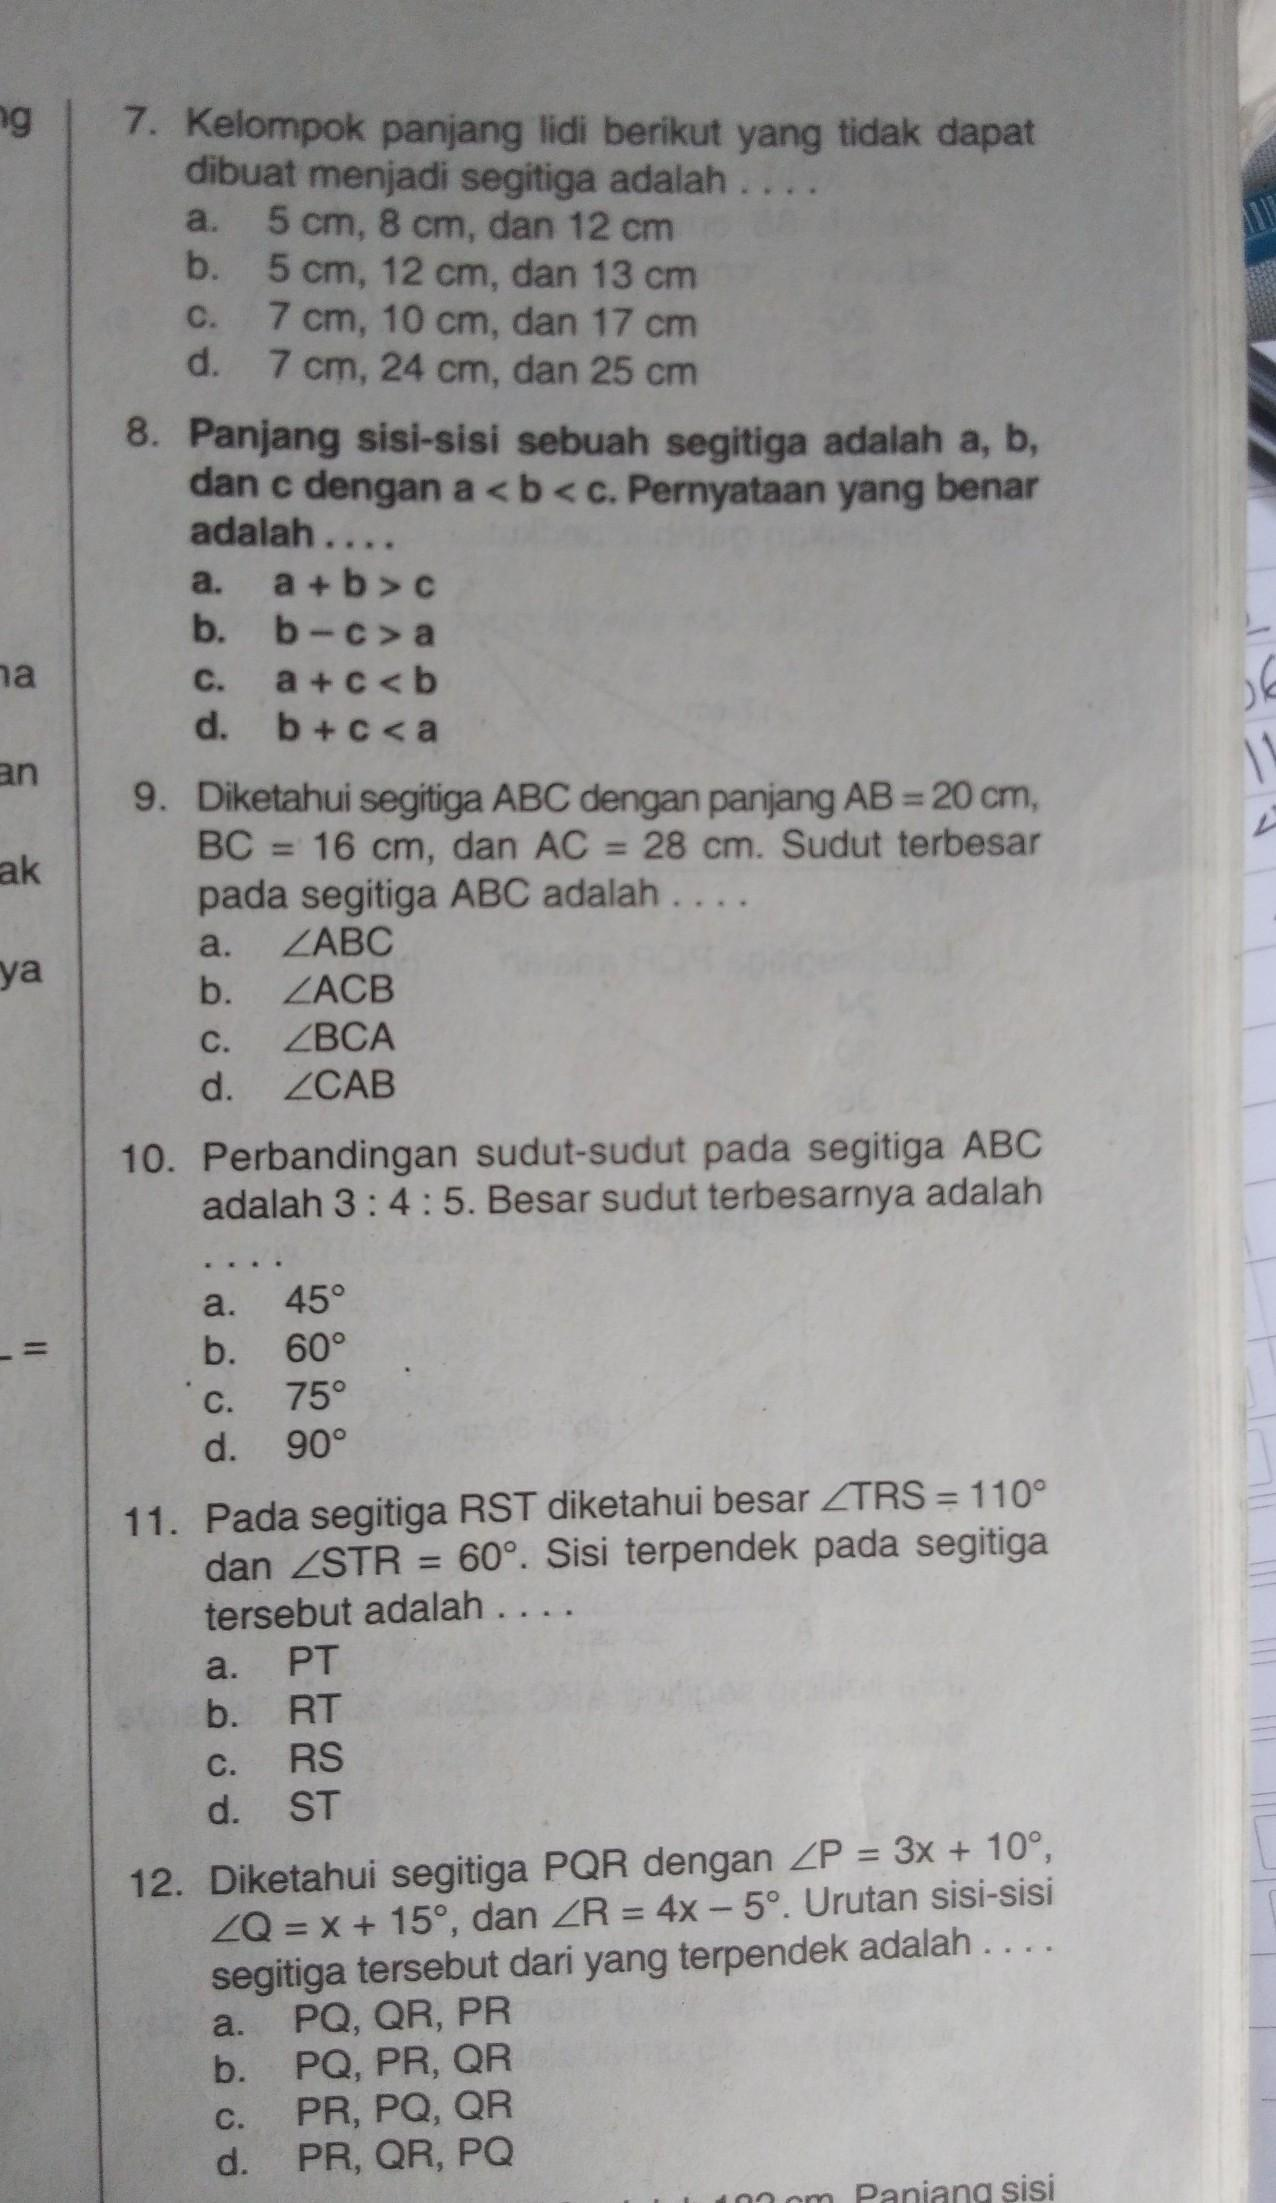 Tolong Di Jawab Soal Matematika Smp Kls 7 Brainly Co Id